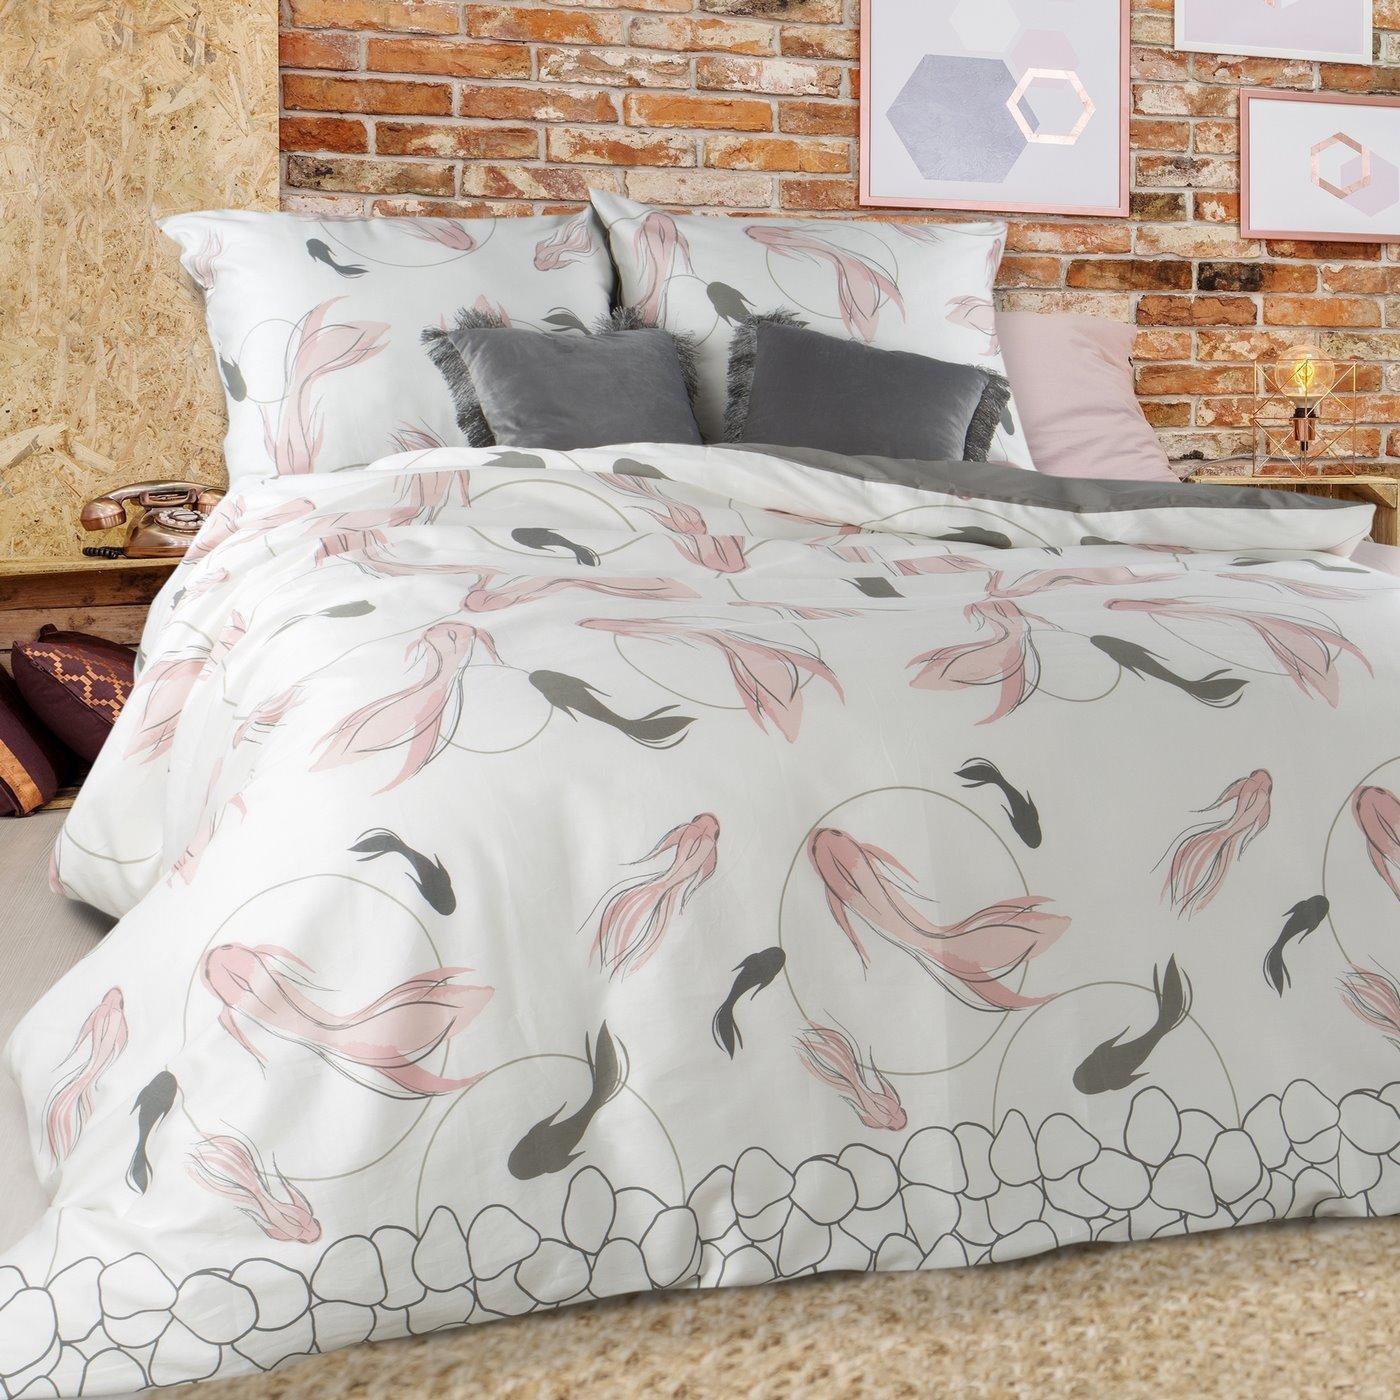 Komplet pościeli satynowej 220 x 200 cm, 2szt. 70 x 80 cm, biała różowa szara, ryby